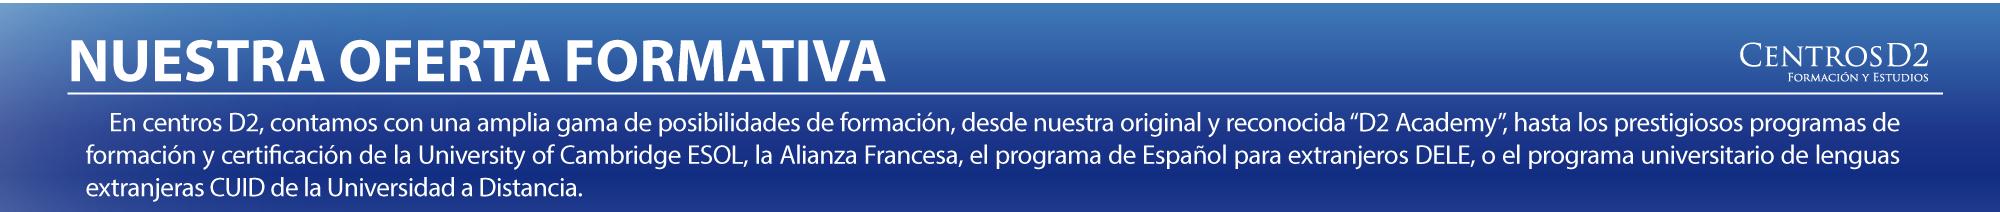 CentrosD2 una nueva visión de la enseñanza en Melilla  CentrosD2 es un  referente en la ciudad en lo que a educación, formación e instalaciones se refiere. Sus programas educativos son innovadores, abarcando todas la edades. Su campo de actuación es la formación en su sentido más amplio, con programas formativos subvencionados para adultos, clases de apoyo para todos los niveles y estudios en el extranjero con empresas líderes en el sector. En la actualidad, además, está especializada en la enseñanza de idiomas con la garantía de certificaciones internacionales, como el Cambridge English (antes University of Cambridge ESOL) o la Alliance Française.    Dada la importancia que supone una formación de calidad y como reconocimiento a su labor, CentrosD2 ha desarrollado en poco tiempo importantes acuerdos con instituciones públicas y privadas. La calidad de su enseñanza ha hecho que numerosos centros educativos de Melilla cuenten con CentrosD2 para diseñar y desarrollar importantes programas bilingües.  CentrosD2 es, desde Noviembre del 2005, colaborador oficial de la Universidad a Distancia en Melilla (UNED), impartiendo los cursos de idiomas del CUID (Centro Universitario de Idiomas  a Distancia). El CUID es una unidad docente especializada dependiente de la facultad de Filología de la UNED y adscrita funcionalmente al Vicerrectorado de Coordinación y Extensión Universitaria. Los idiomas que se imparten en nuestro centro son el francés, el inglés, el árabe, el alemán y el español para extranjeros, todos ellos como títulos propios de la UNED, una de las universidades con más prestigio en España. CentrosD2 ha desarrollado desde el 2008 importantes acuerdos con mas diez centros educativos y colectivos profesionales de la ciudad para la implantación del Cambridge Programme, un ambicioso programa de enseñanza del inglés que cuenta con la garantía de un prestigioso y reconocido certificado internacional; el Cambridge English. Junto a la Alianza Francesa de Málaga, CentrosD2 